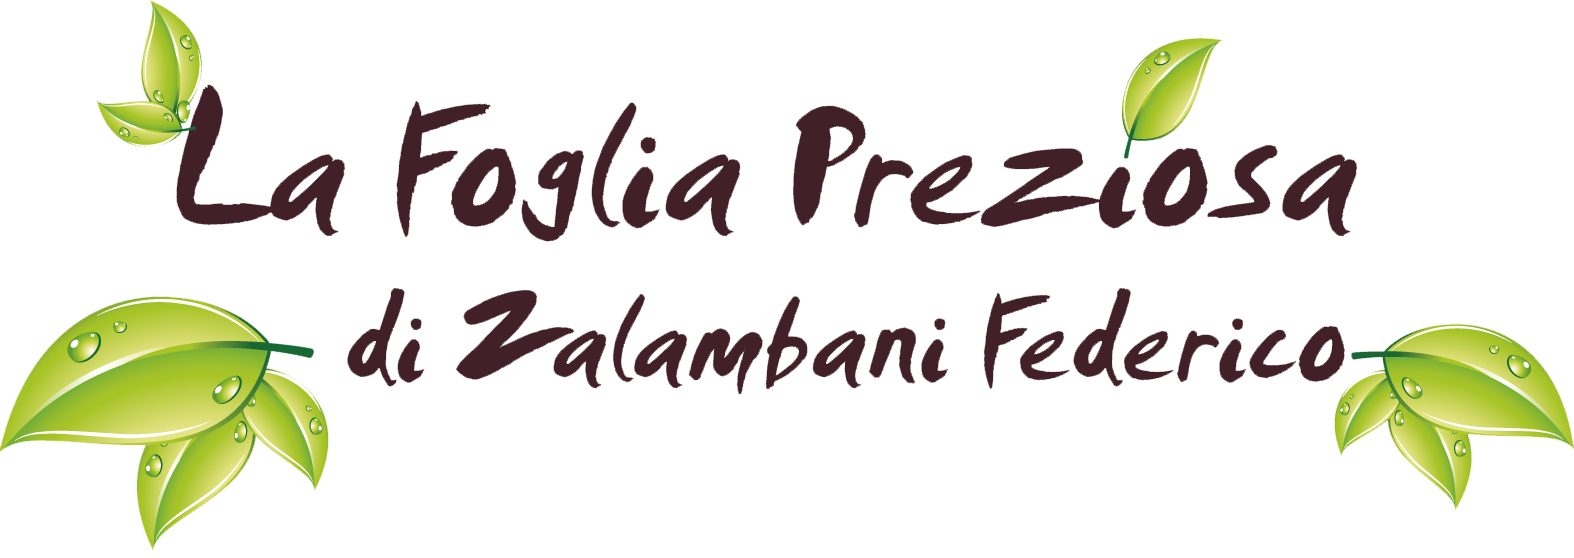 FOGLIA-logo_nome-buona-risoluzione-1.png